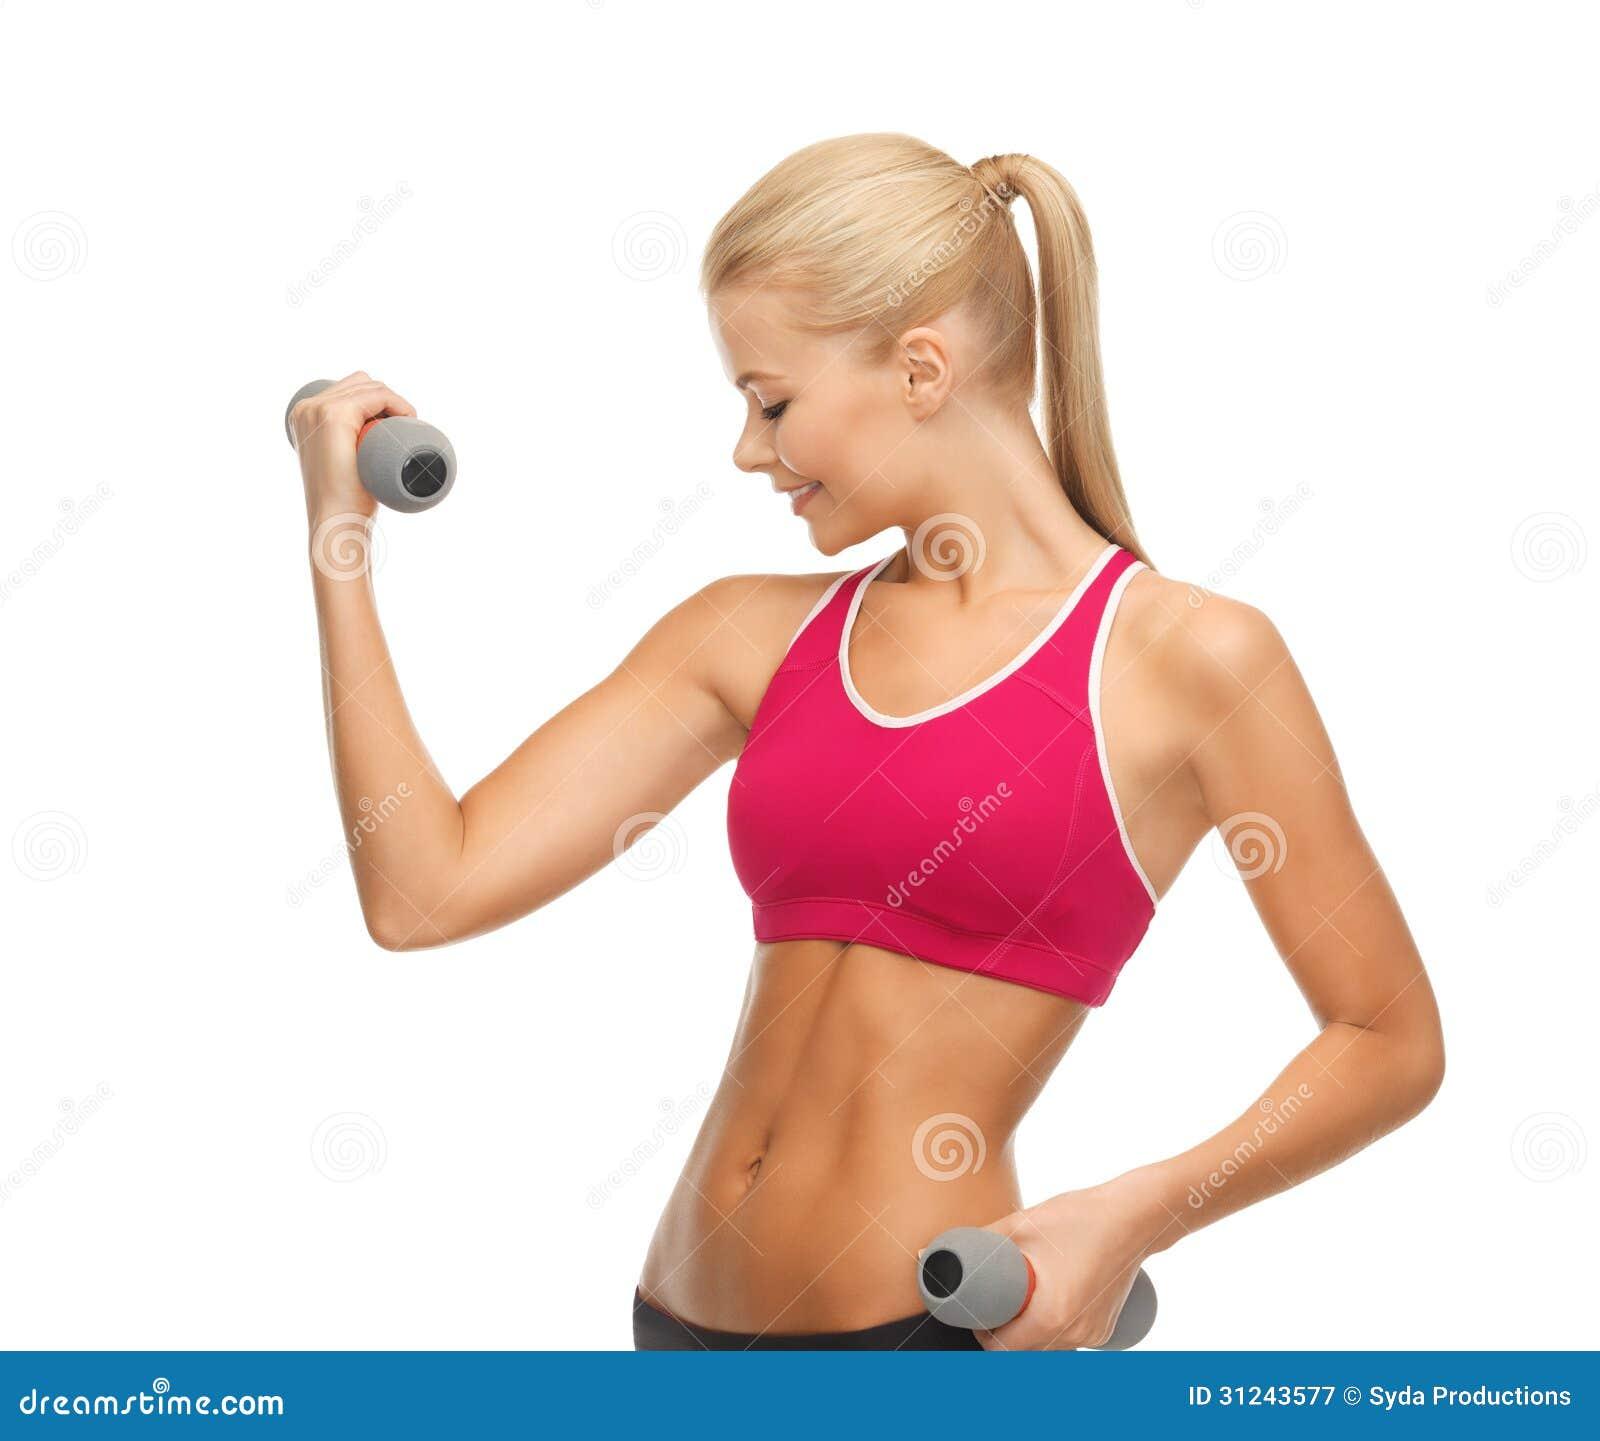 Sport regime pour femme. K likes. pour savoir tt sur règime et avoir une belle taille, rejognez cette page:).